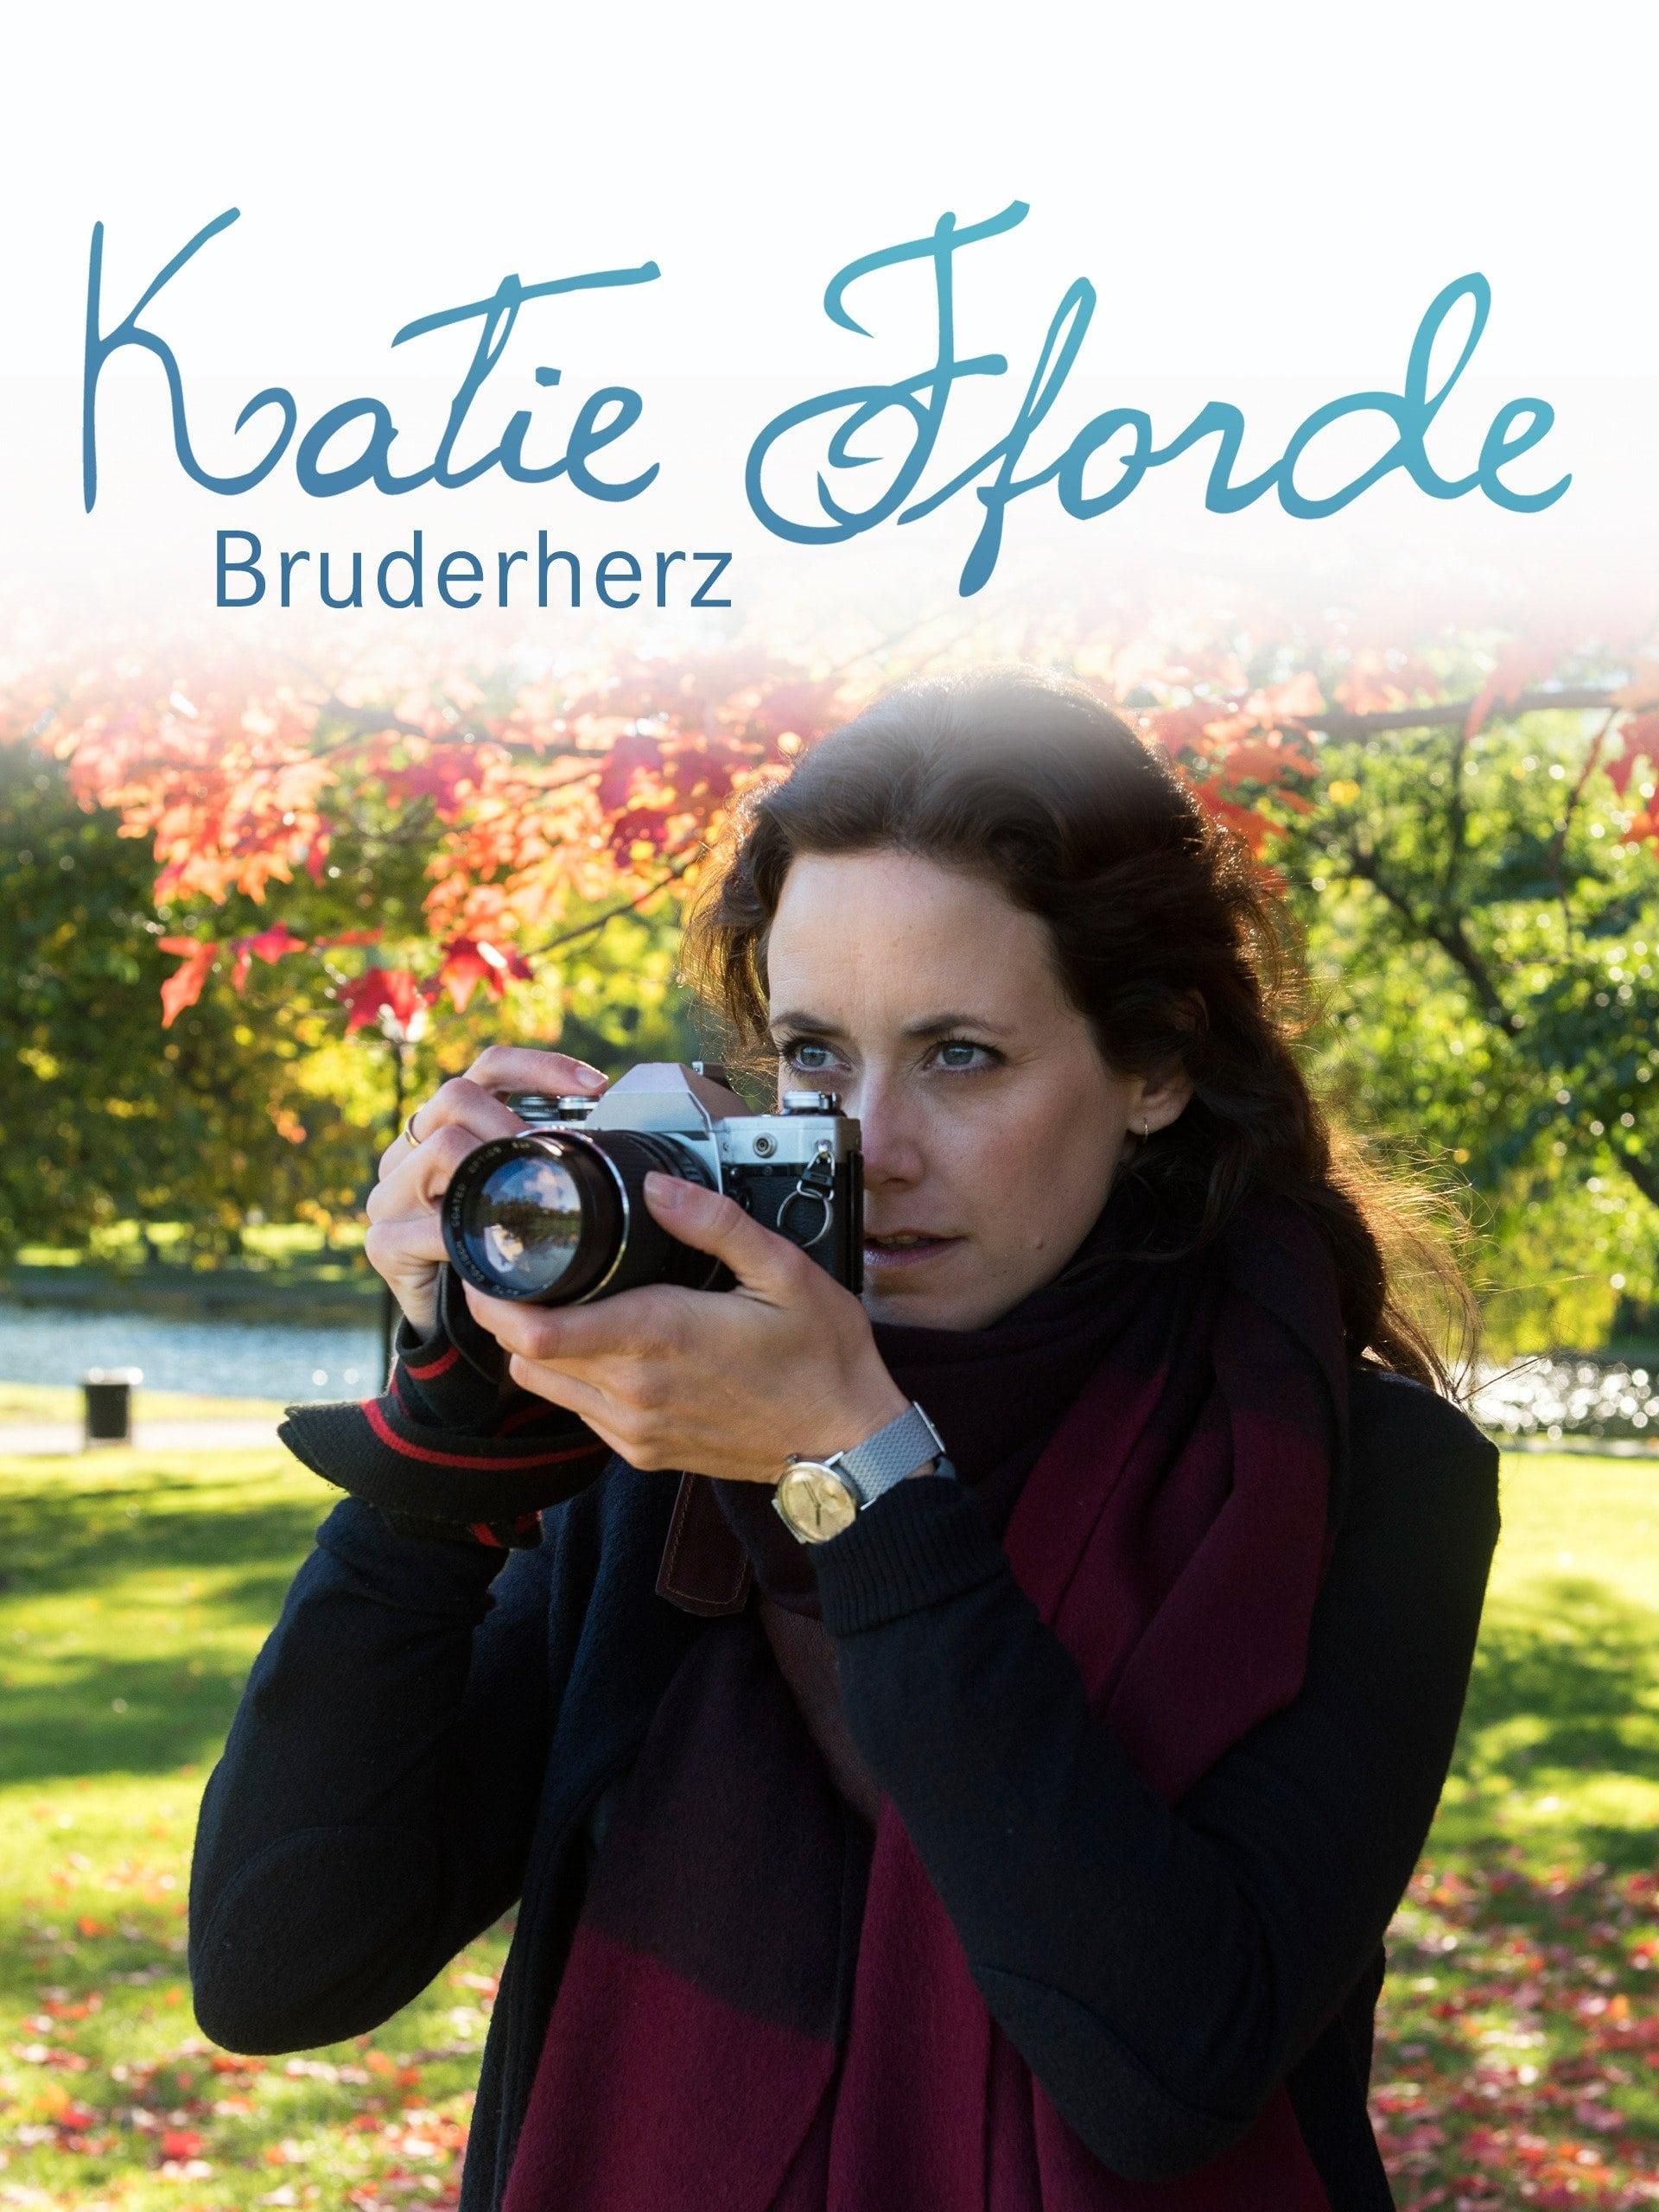 Katie Fforde: Bruderherz (2017)